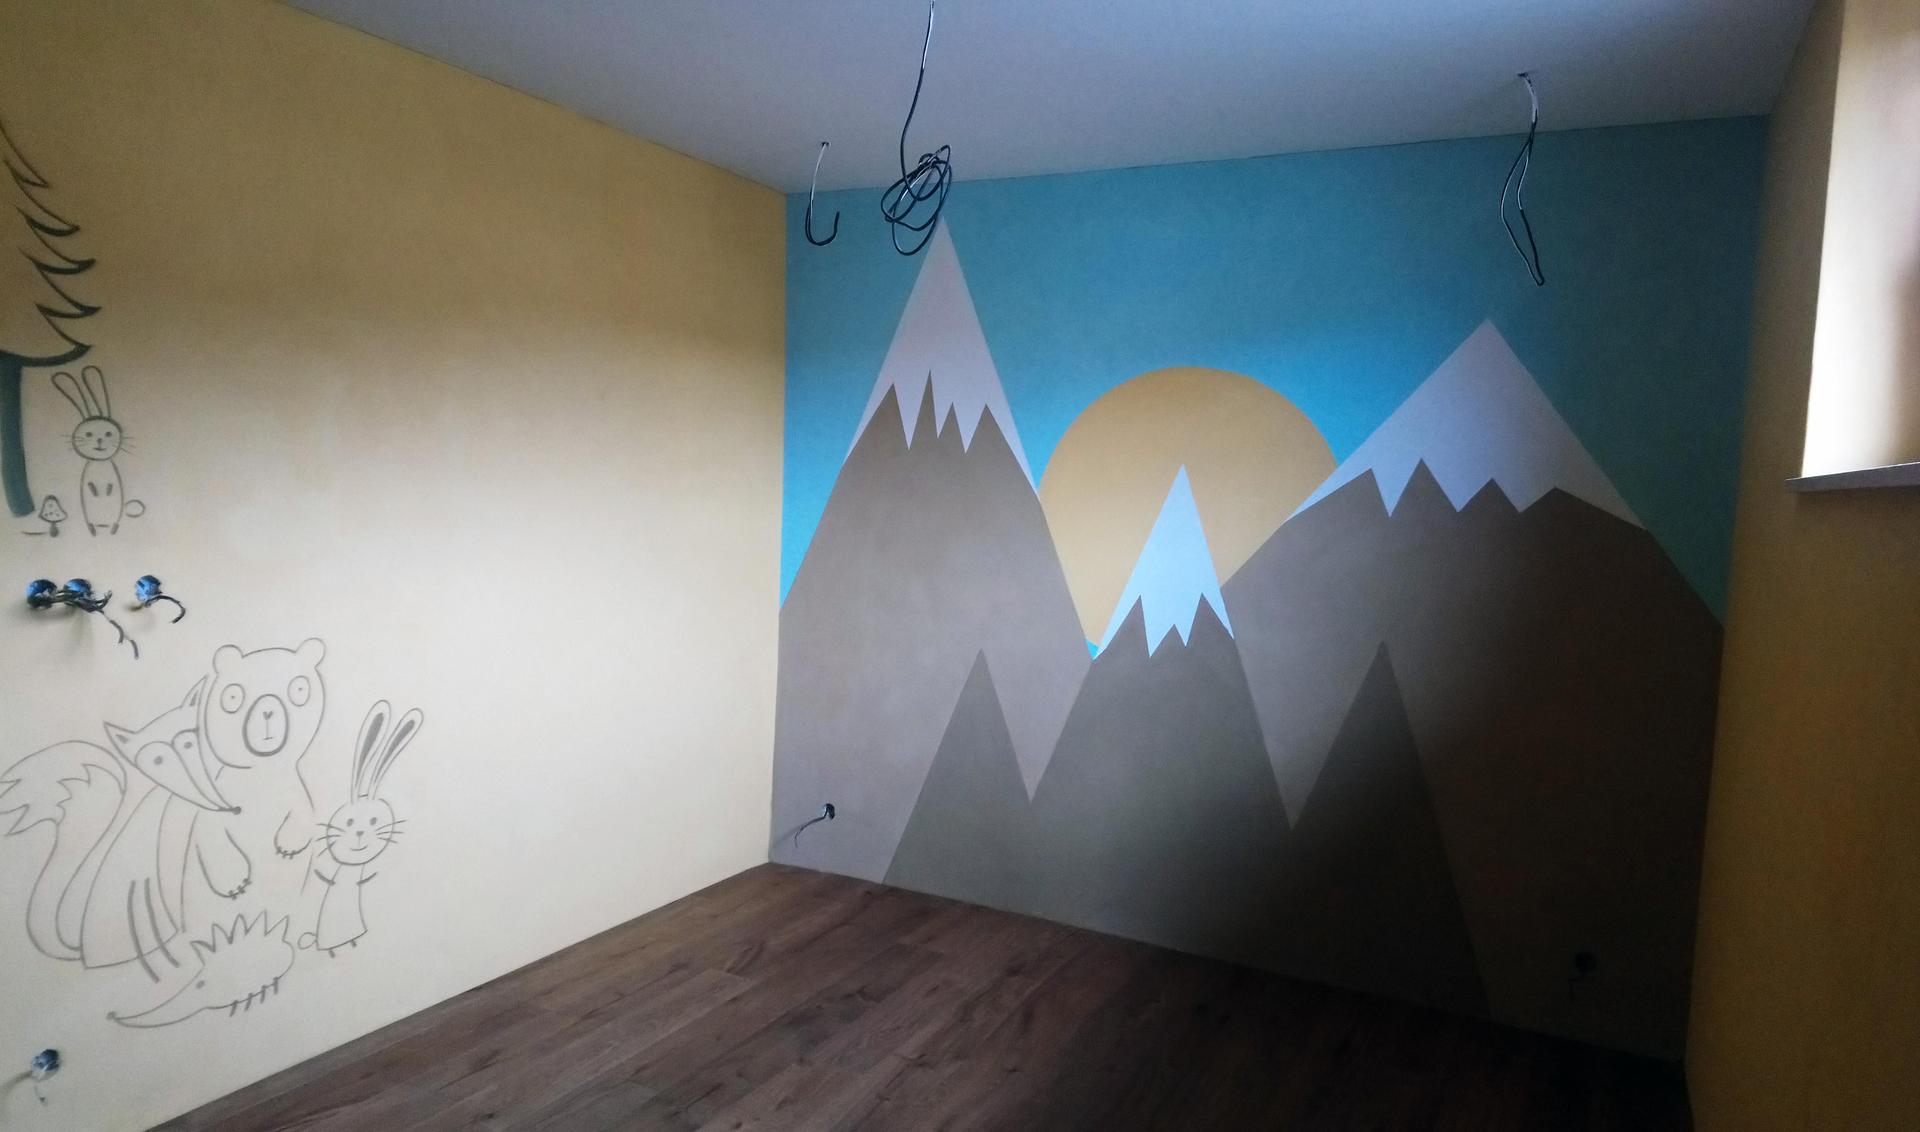 Hlinené omietky - Ešte jedna za denného svetla. Detská izba. Na stene vľavo malé zvieratkovské sgrafitto